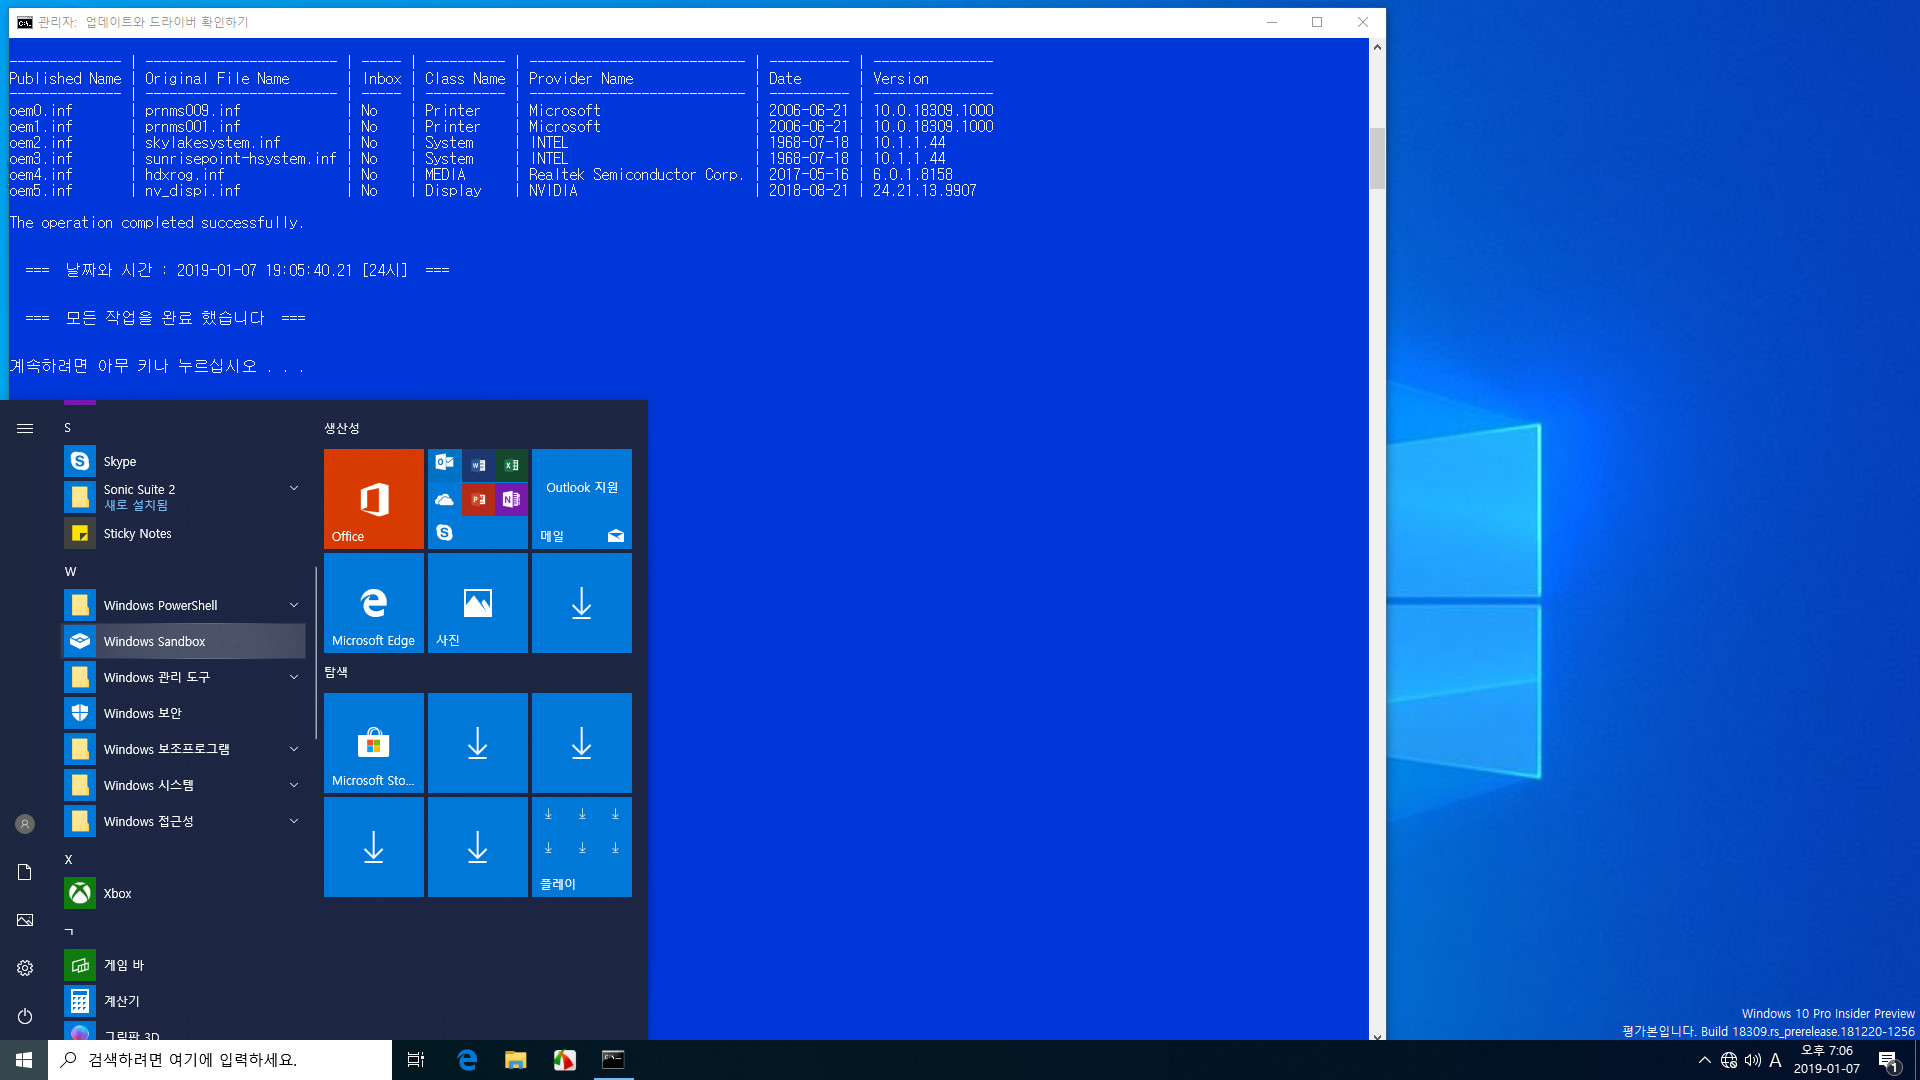 윈도10 19H1 인사이더 프리뷰 18309.1000 빌드 나왔네요 - 실컴에서 Windows Sandbox 테스트 - 어떤 드라이버가 충돌을 일으키는지 확인 테스트4 [윈도에 내장된 랜드라이버 제거] - 3번째 for 구문과 사용권한 획득으로 내장 랜 드라이버들 삭제 성공함 2019-01-07_190613.jpg